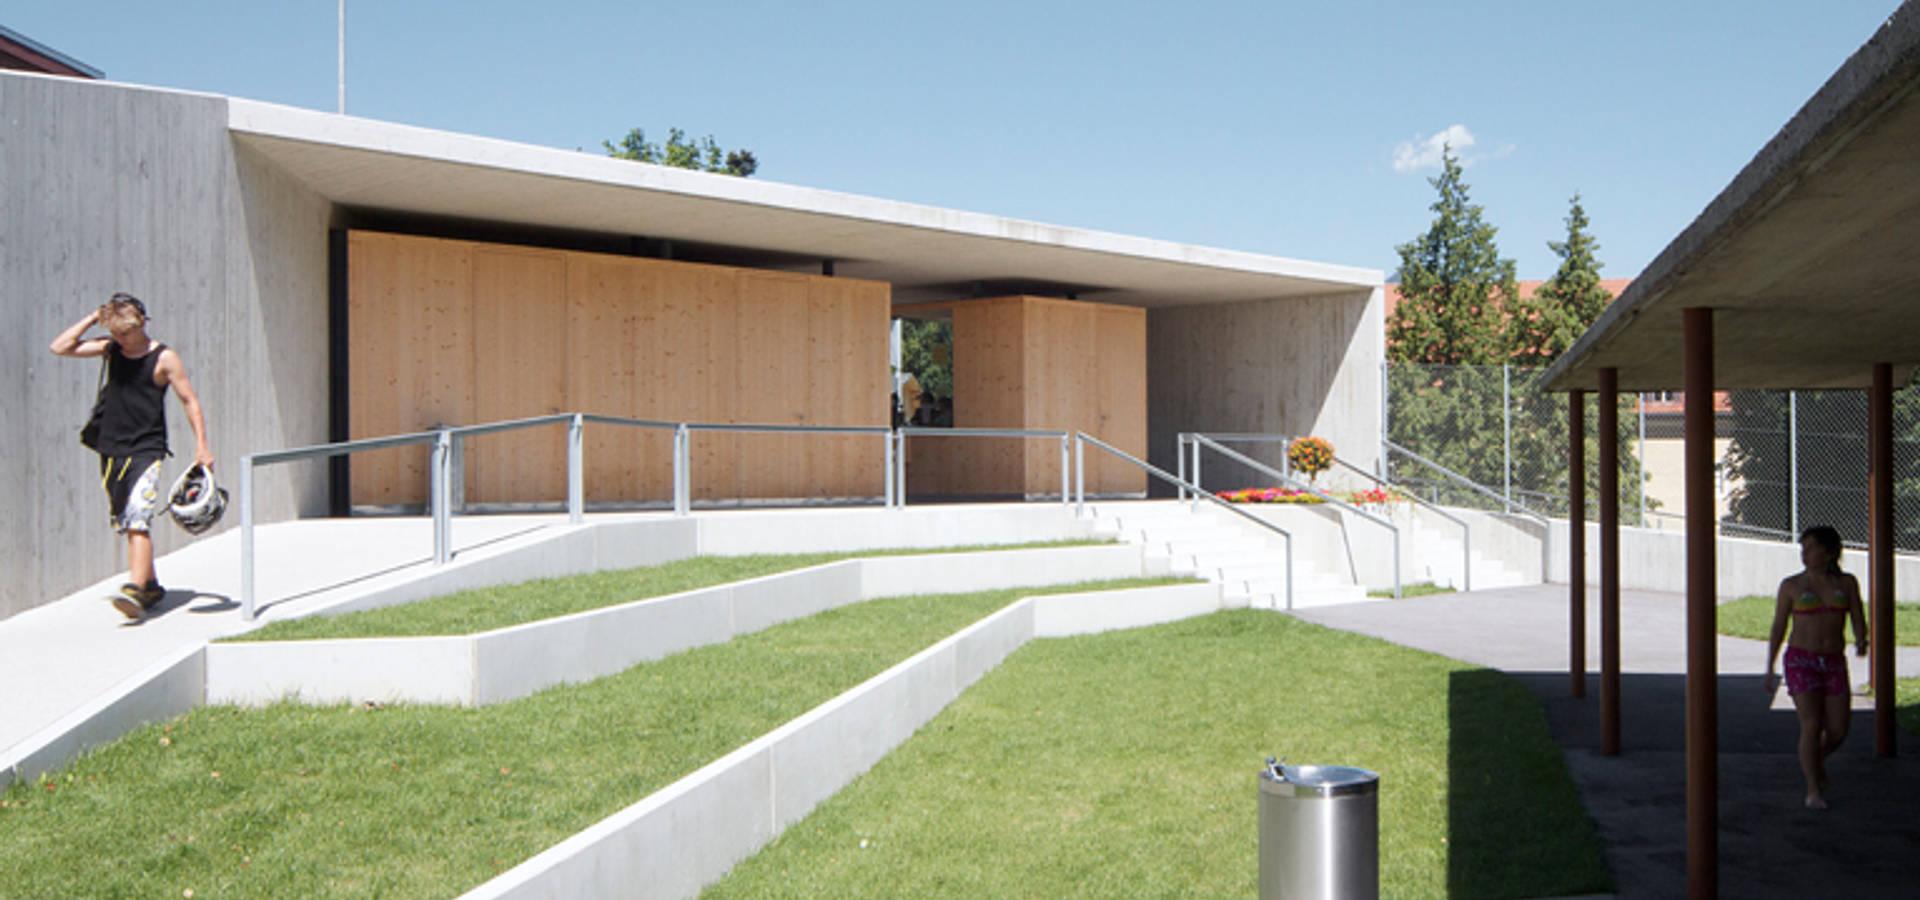 BESTO ZT GMBH_ Architekt DI Bernhard Stoehr